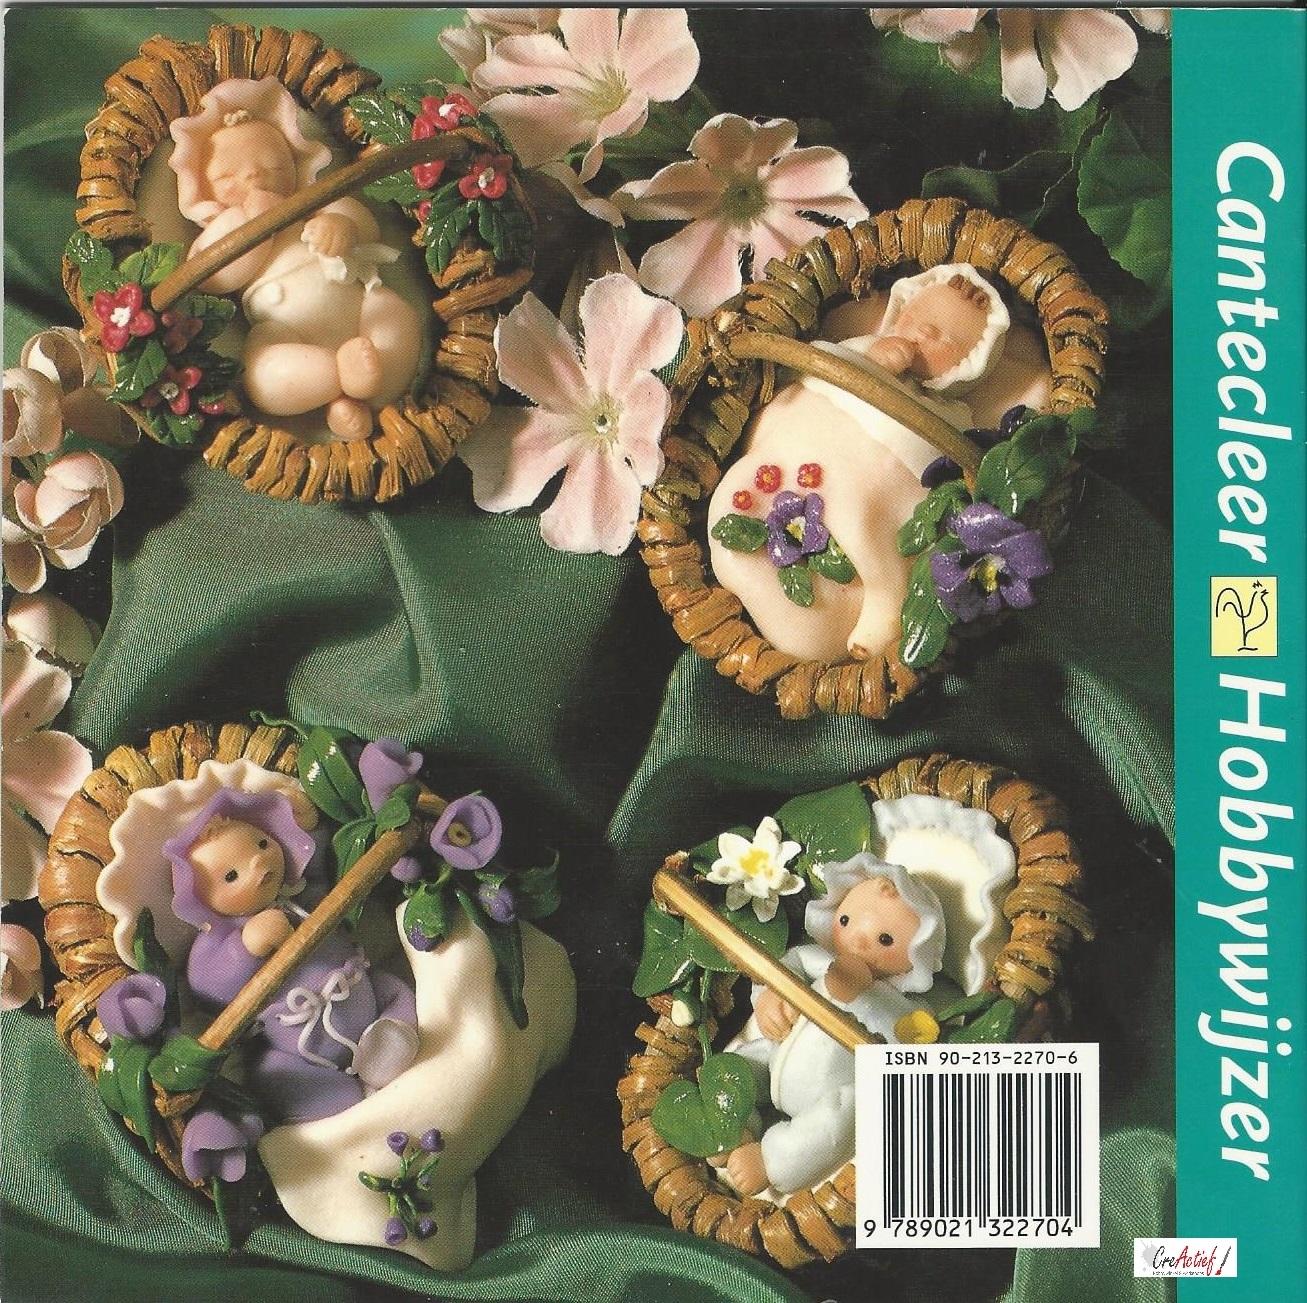 Cantecleer Hobbywijzer 157 Baby's van Fimo en Cernitklei